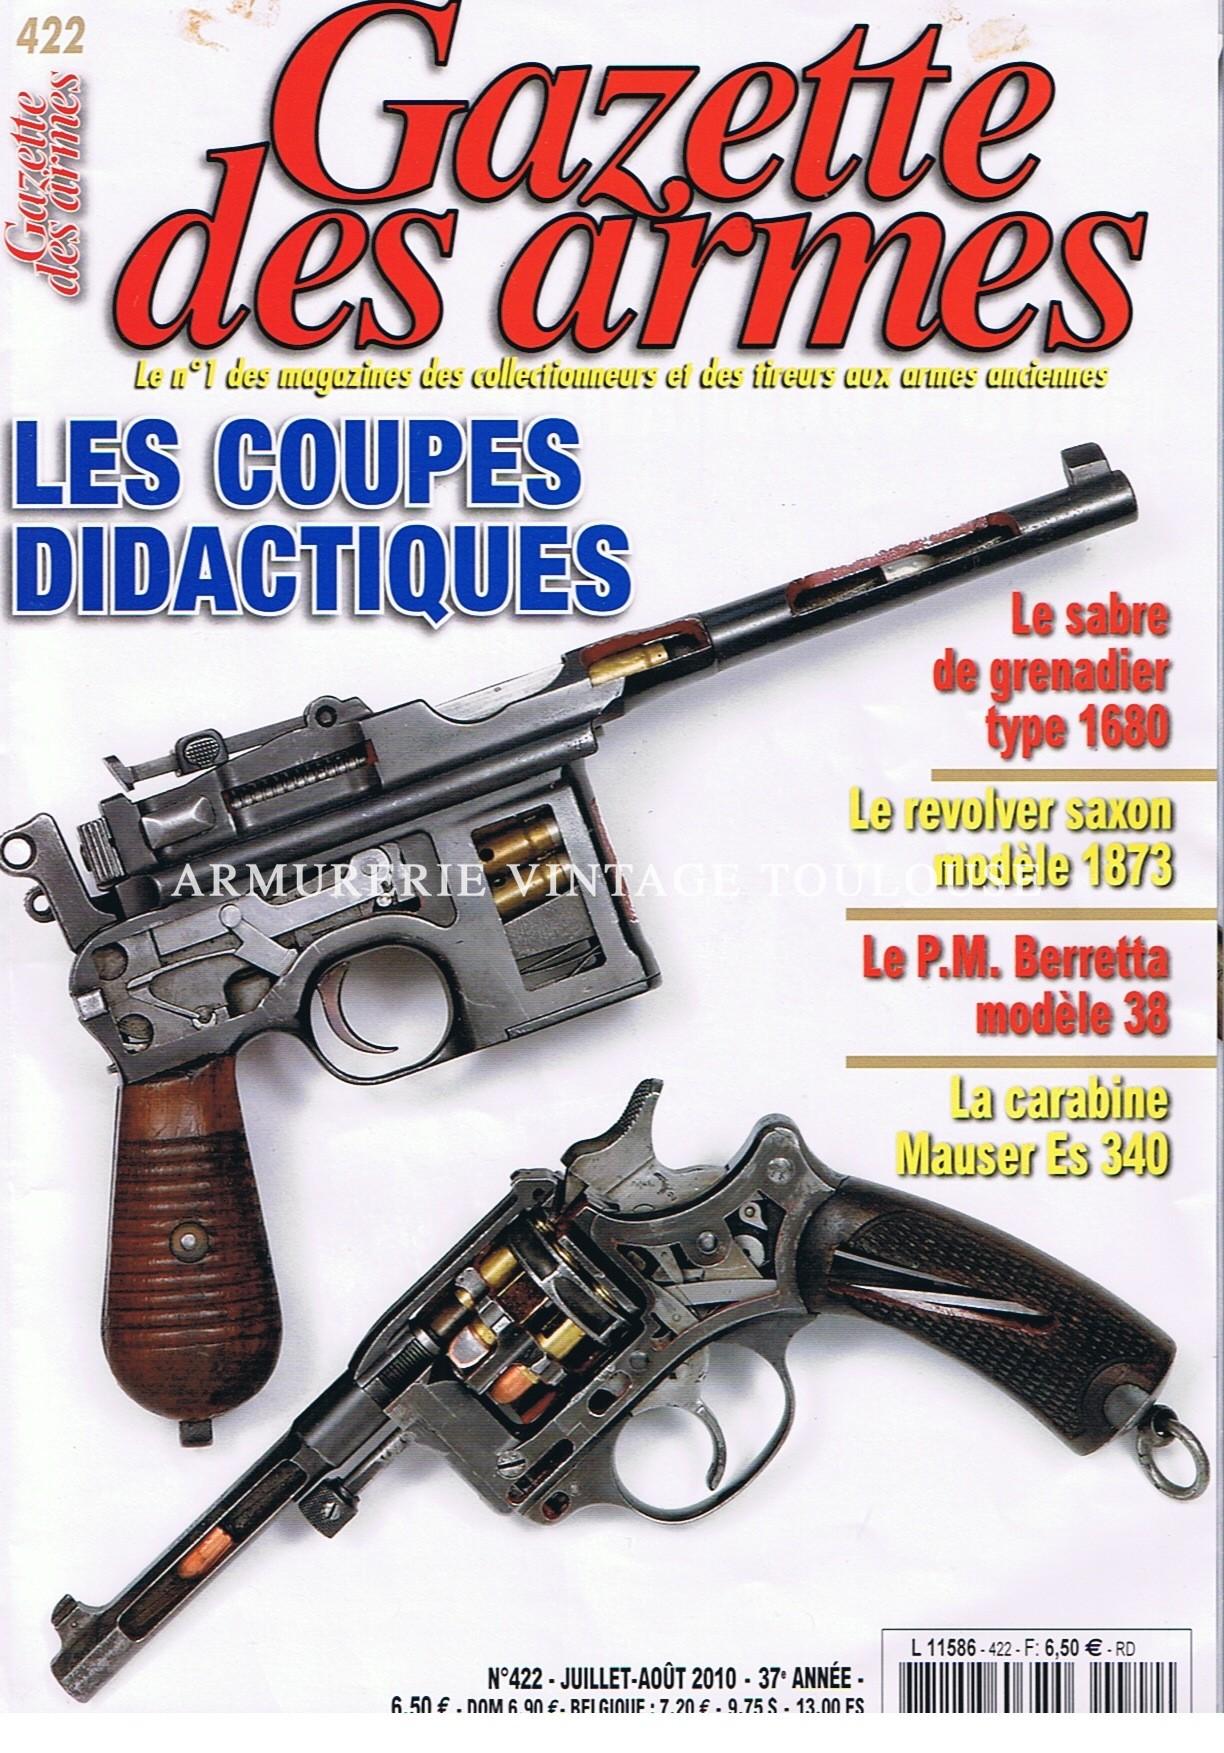 NOS ARMES DIDACTIQUES SUR LA GAZETTE DES ARMES